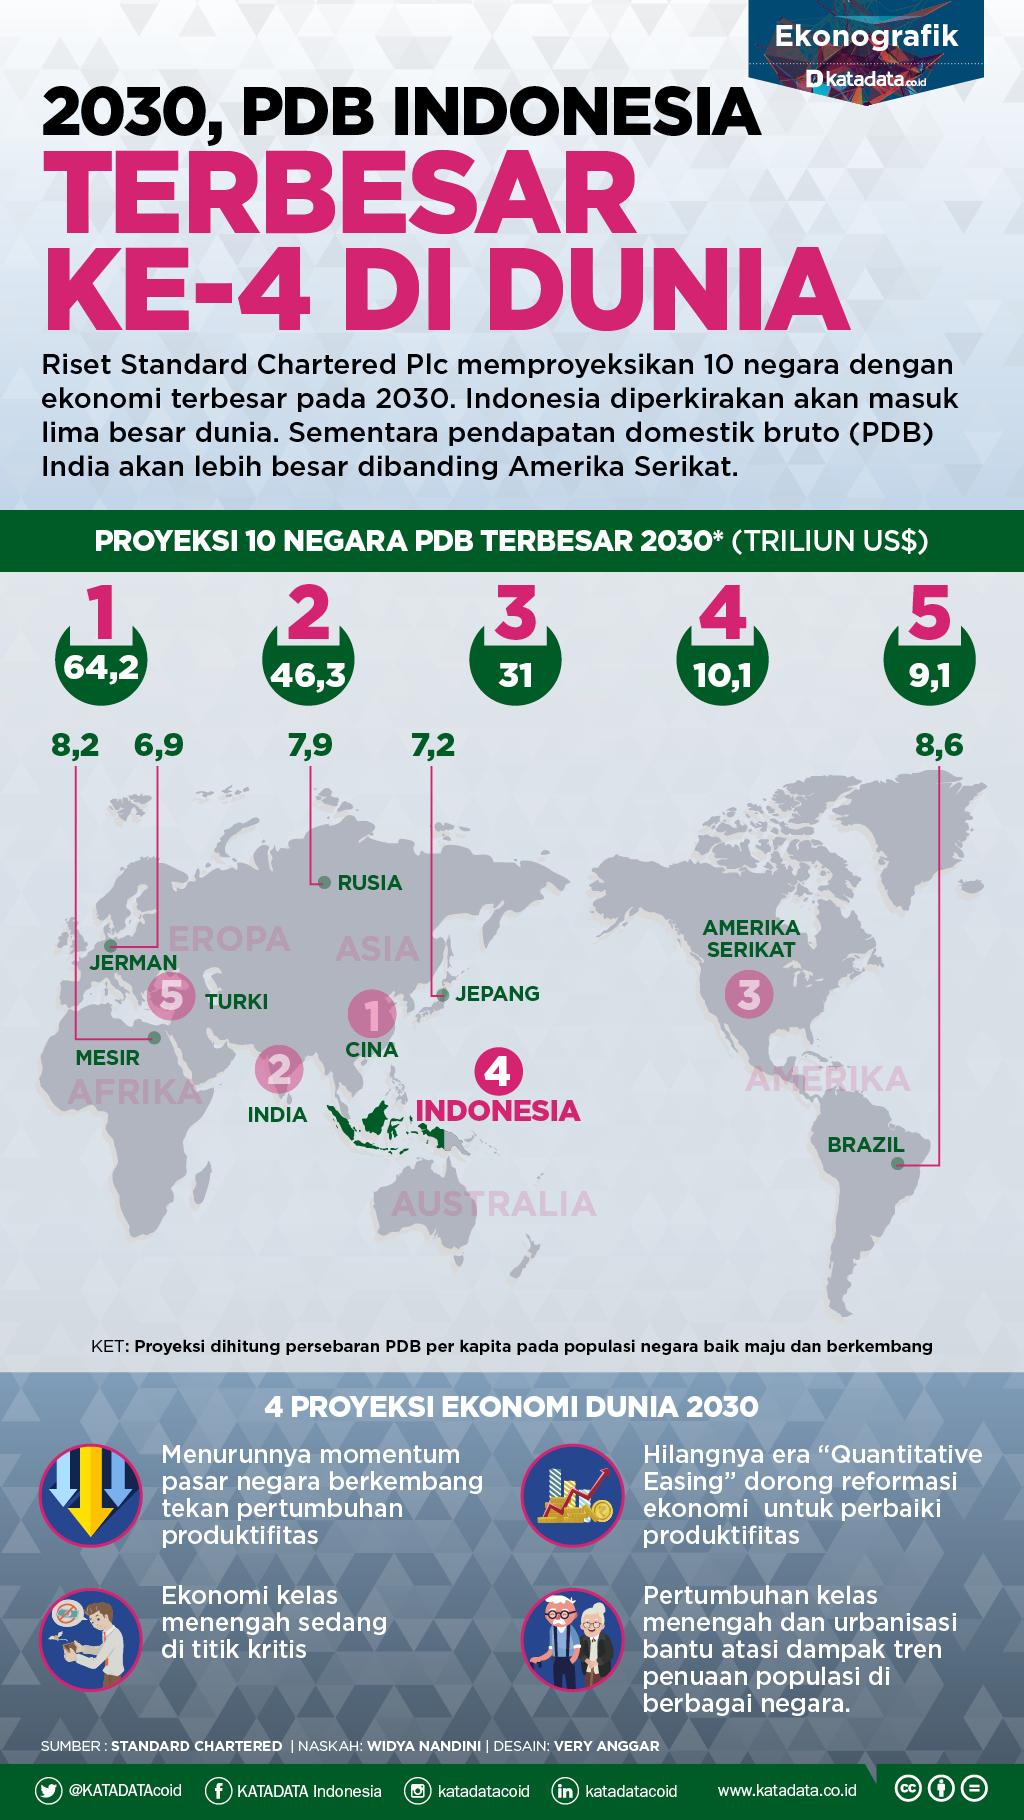 2030, PDB Indonesia Terbesar Ke-4 di Dunia